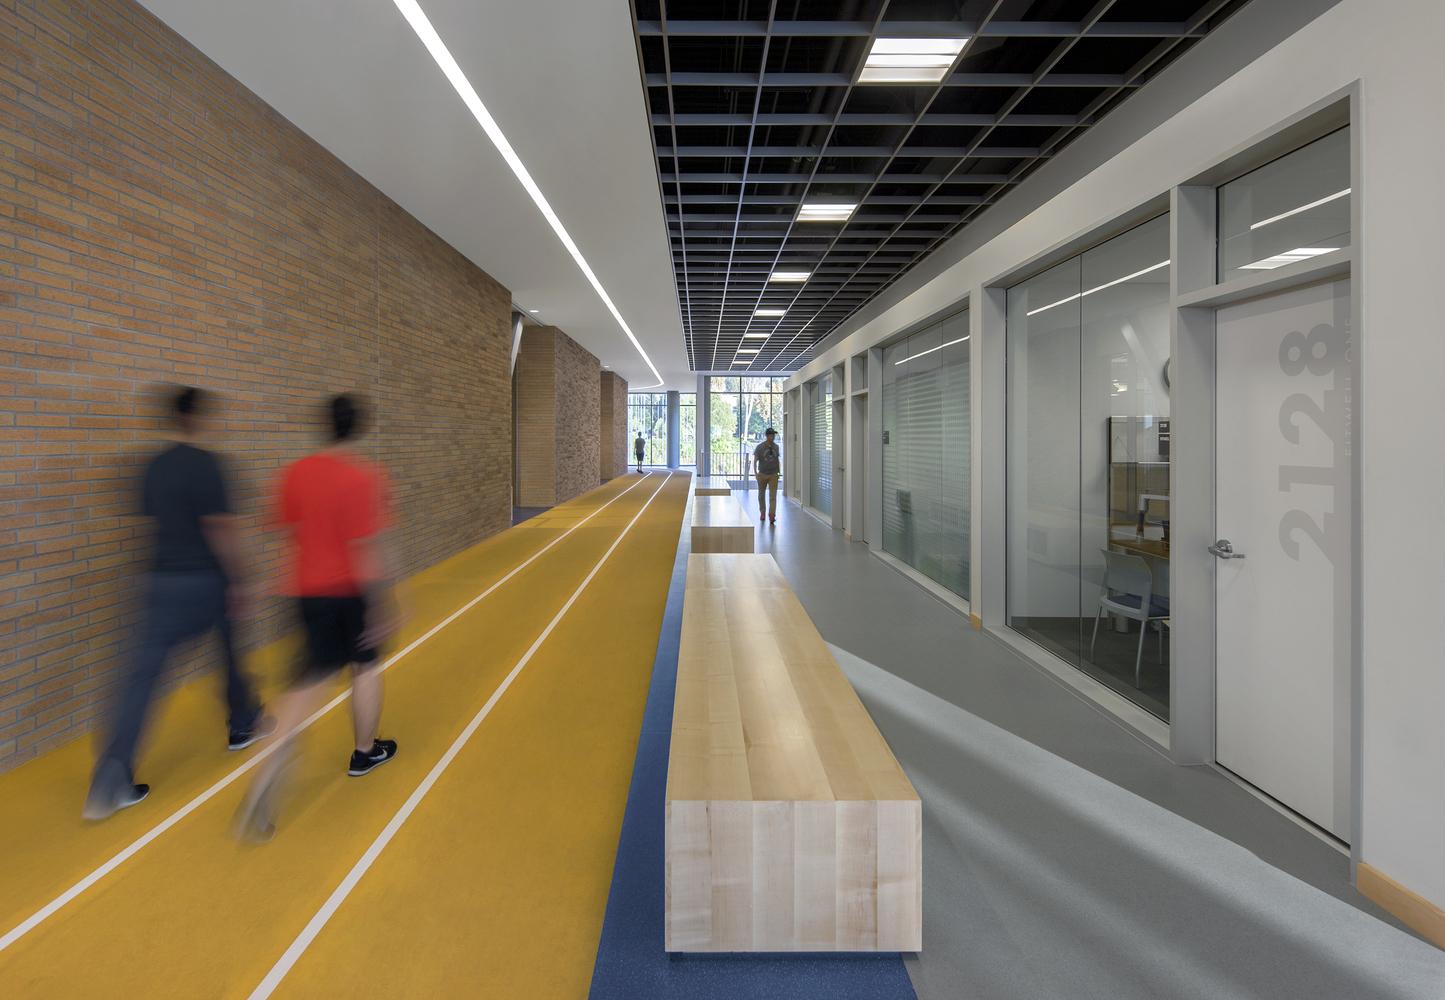 Дизайн спортивного комплекса – Зал для лёгкой атлетики